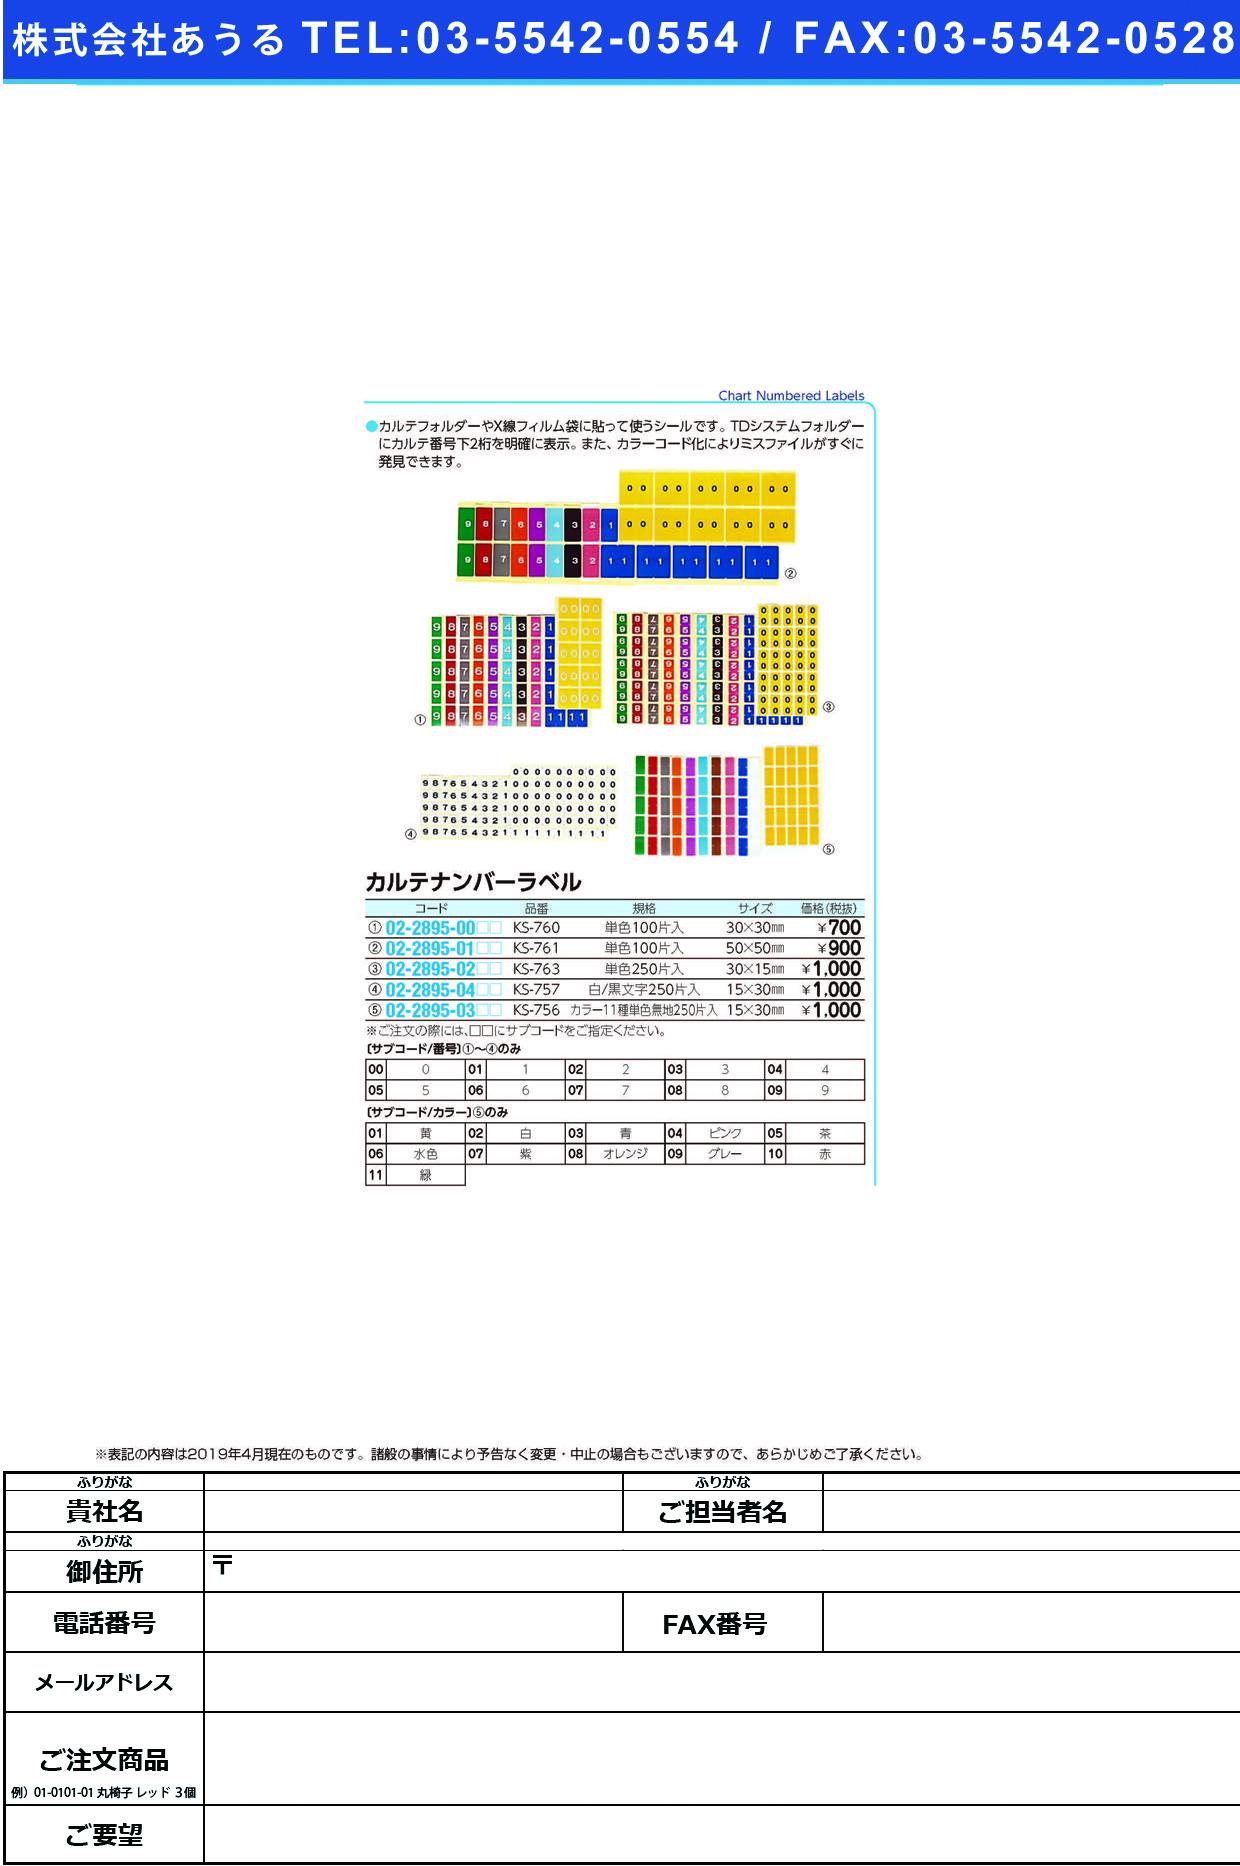 (02-2895-00)カルテナンバーラベル KS-760(30X30MM)100イリ カルテナンバーラベル 番号指定:0(ケルン)【1袋単位】【2019年カタログ商品】